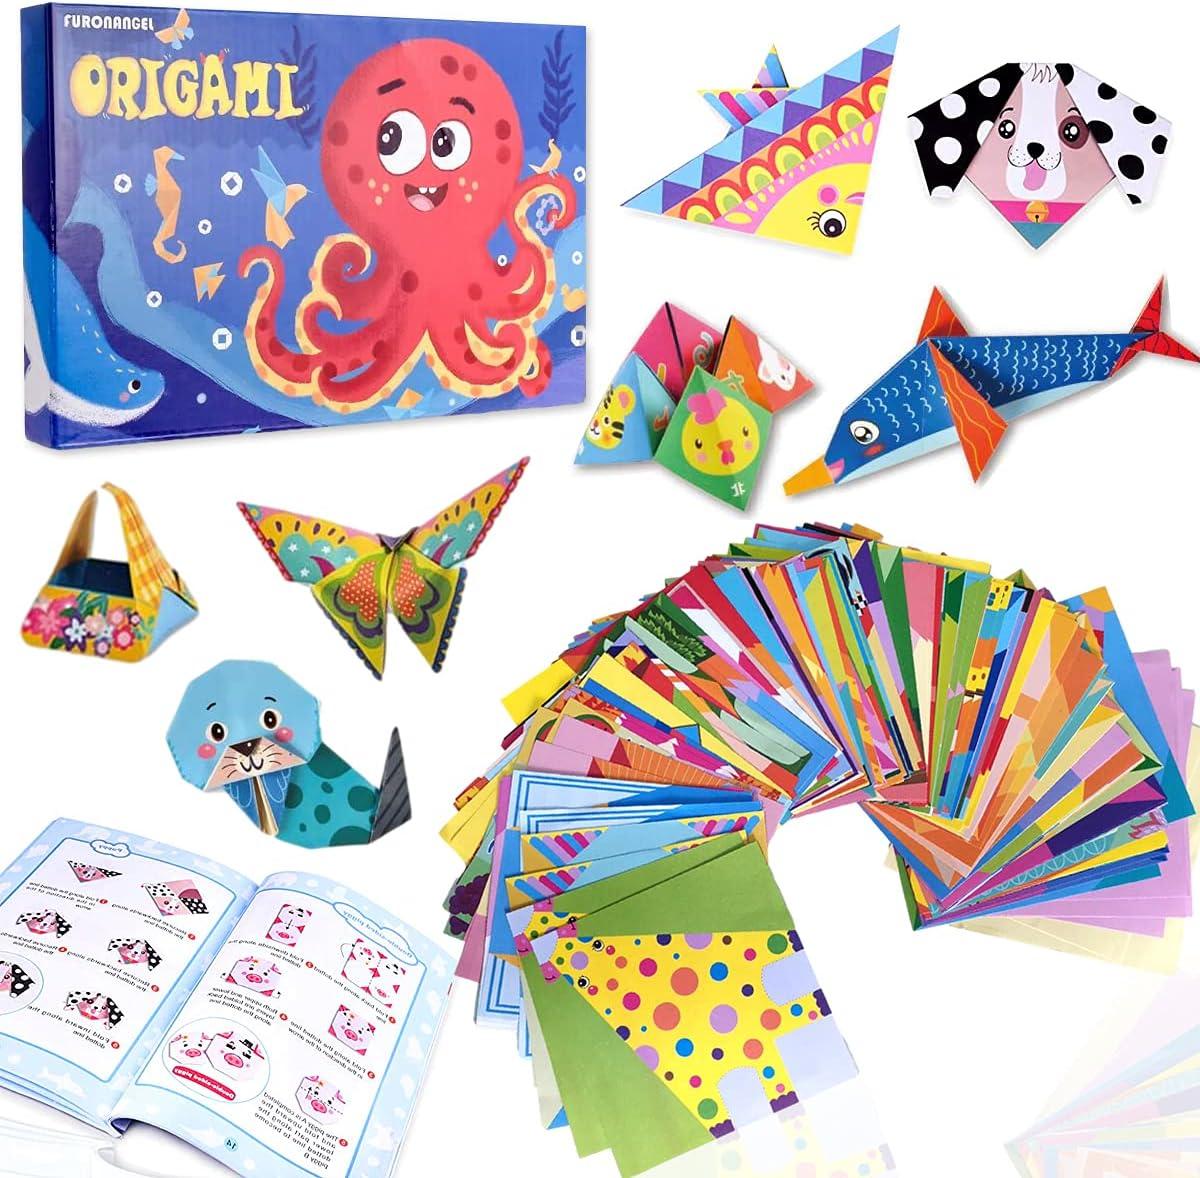 Color Kit de Origami para Niños,14 X 14cm, 152 Archivo de Origami Vívido de Doble Cara Que Enseña Libro de Origami,para Niños, Principiantes Y Clases de Manualidades Escolares